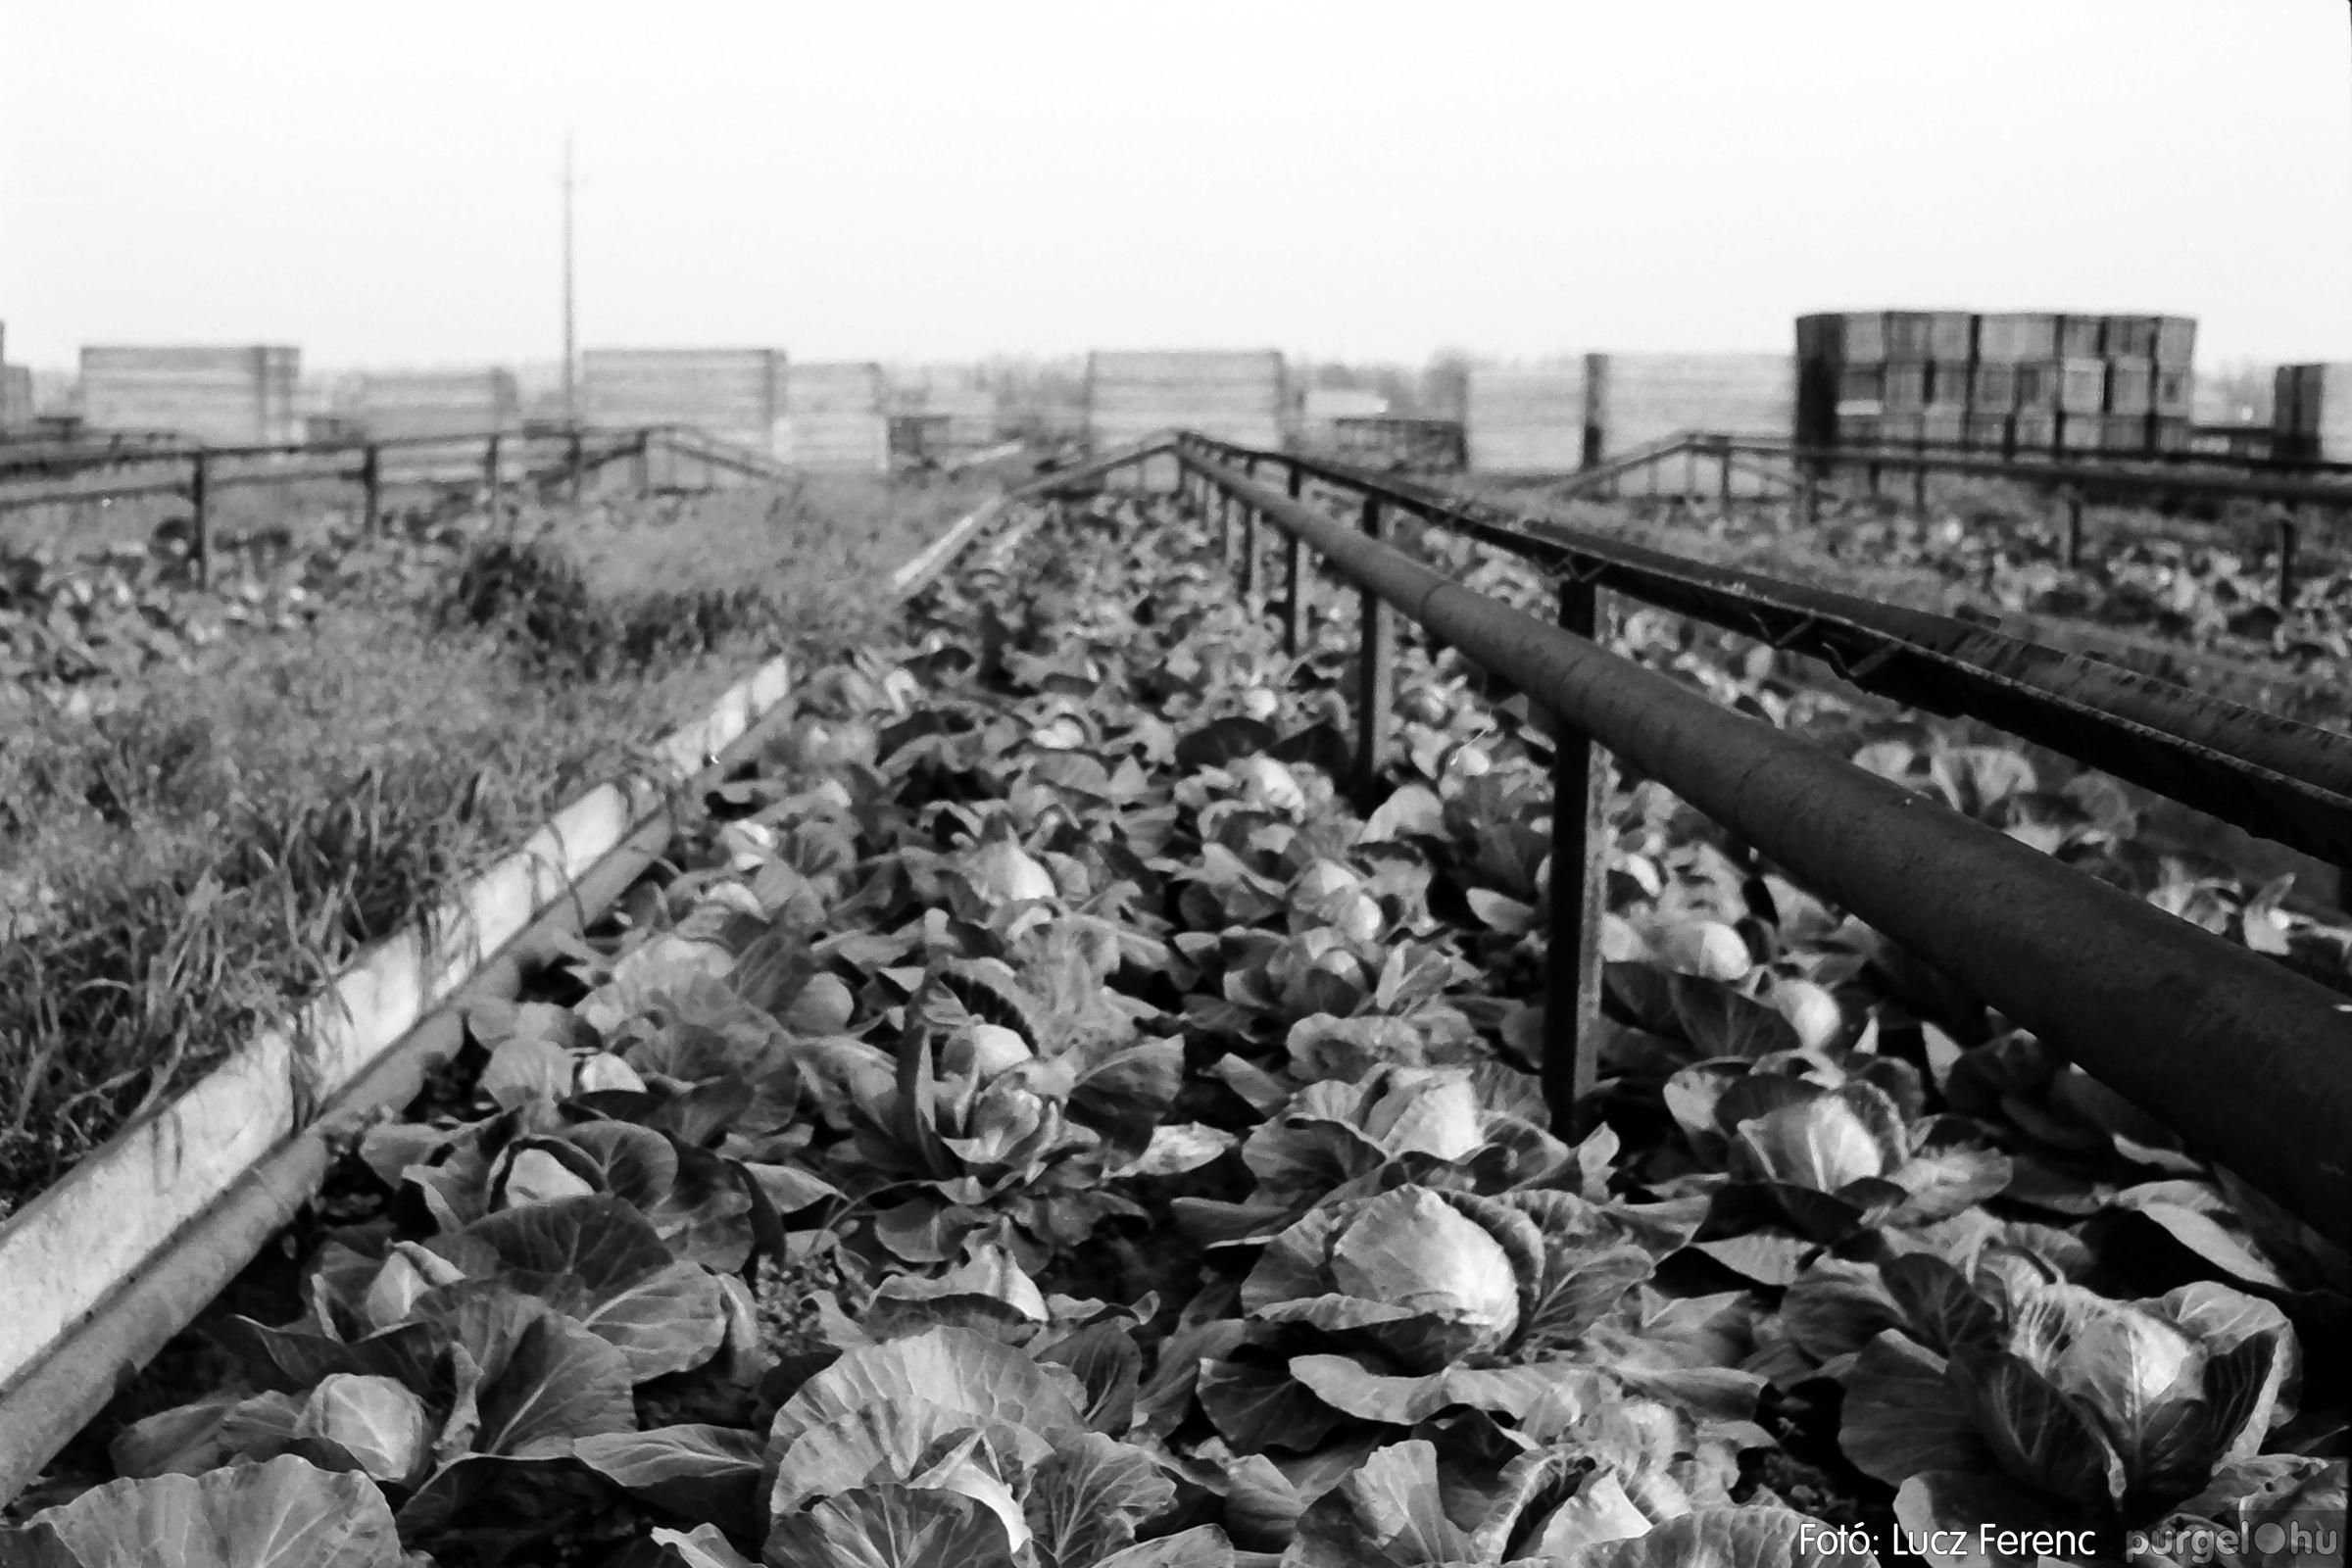 044. 1976. Élet a kertészetben 008. - Fotó: Lucz Ferenc.jpg